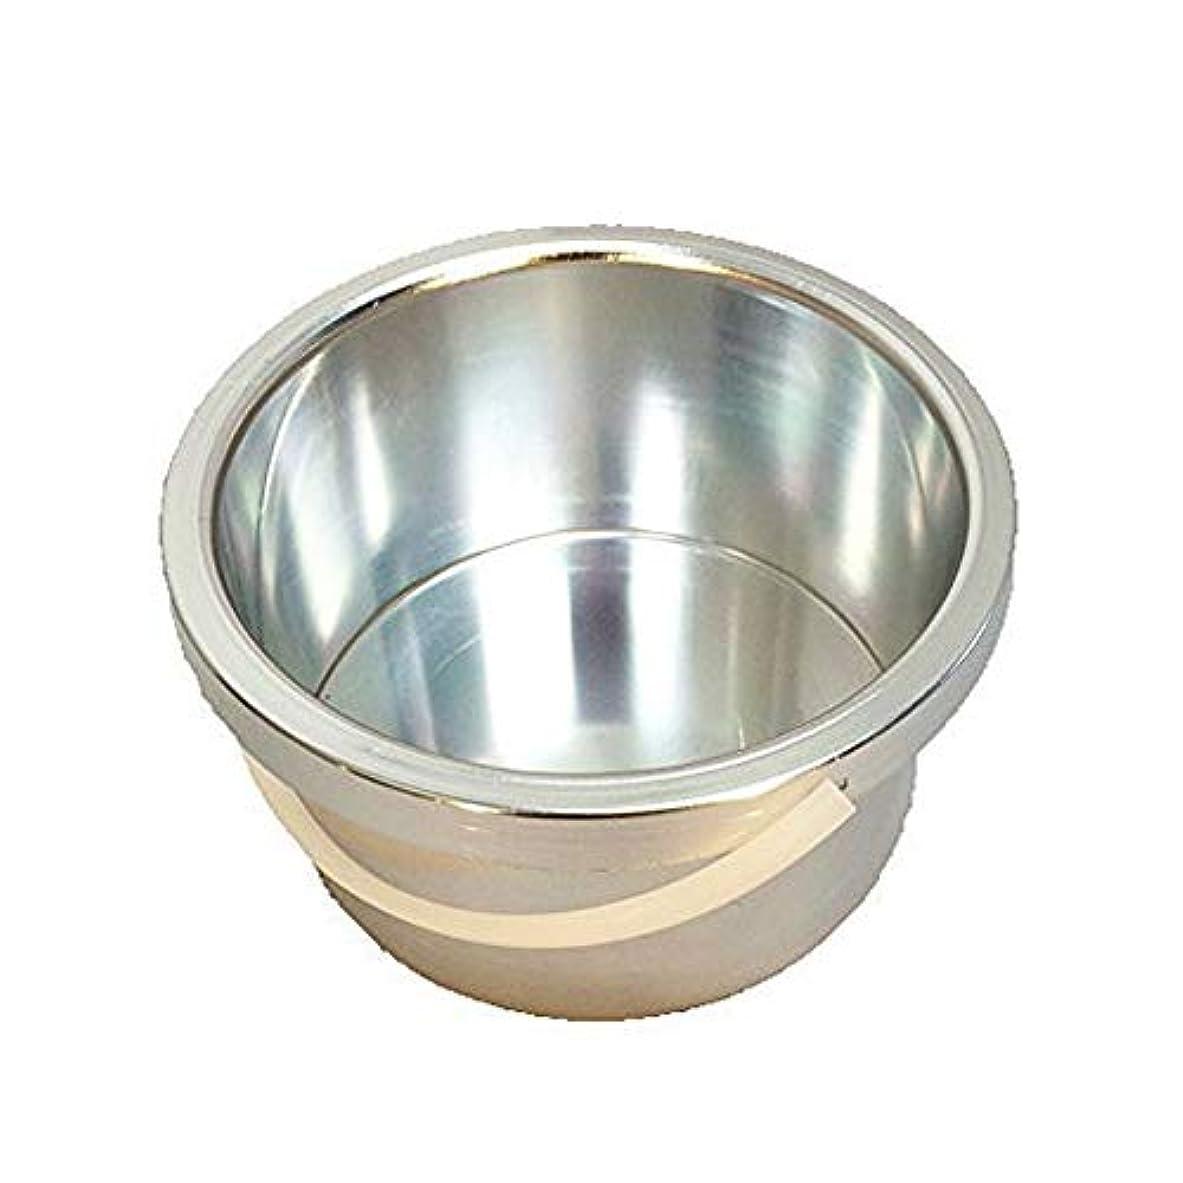 窒素極端な合わせて内鍋 ポット 解鍋 1個(031) ブラジリアンワックス ワックス脱毛 ワックスウォーマー ヒーター ウォーマー専用